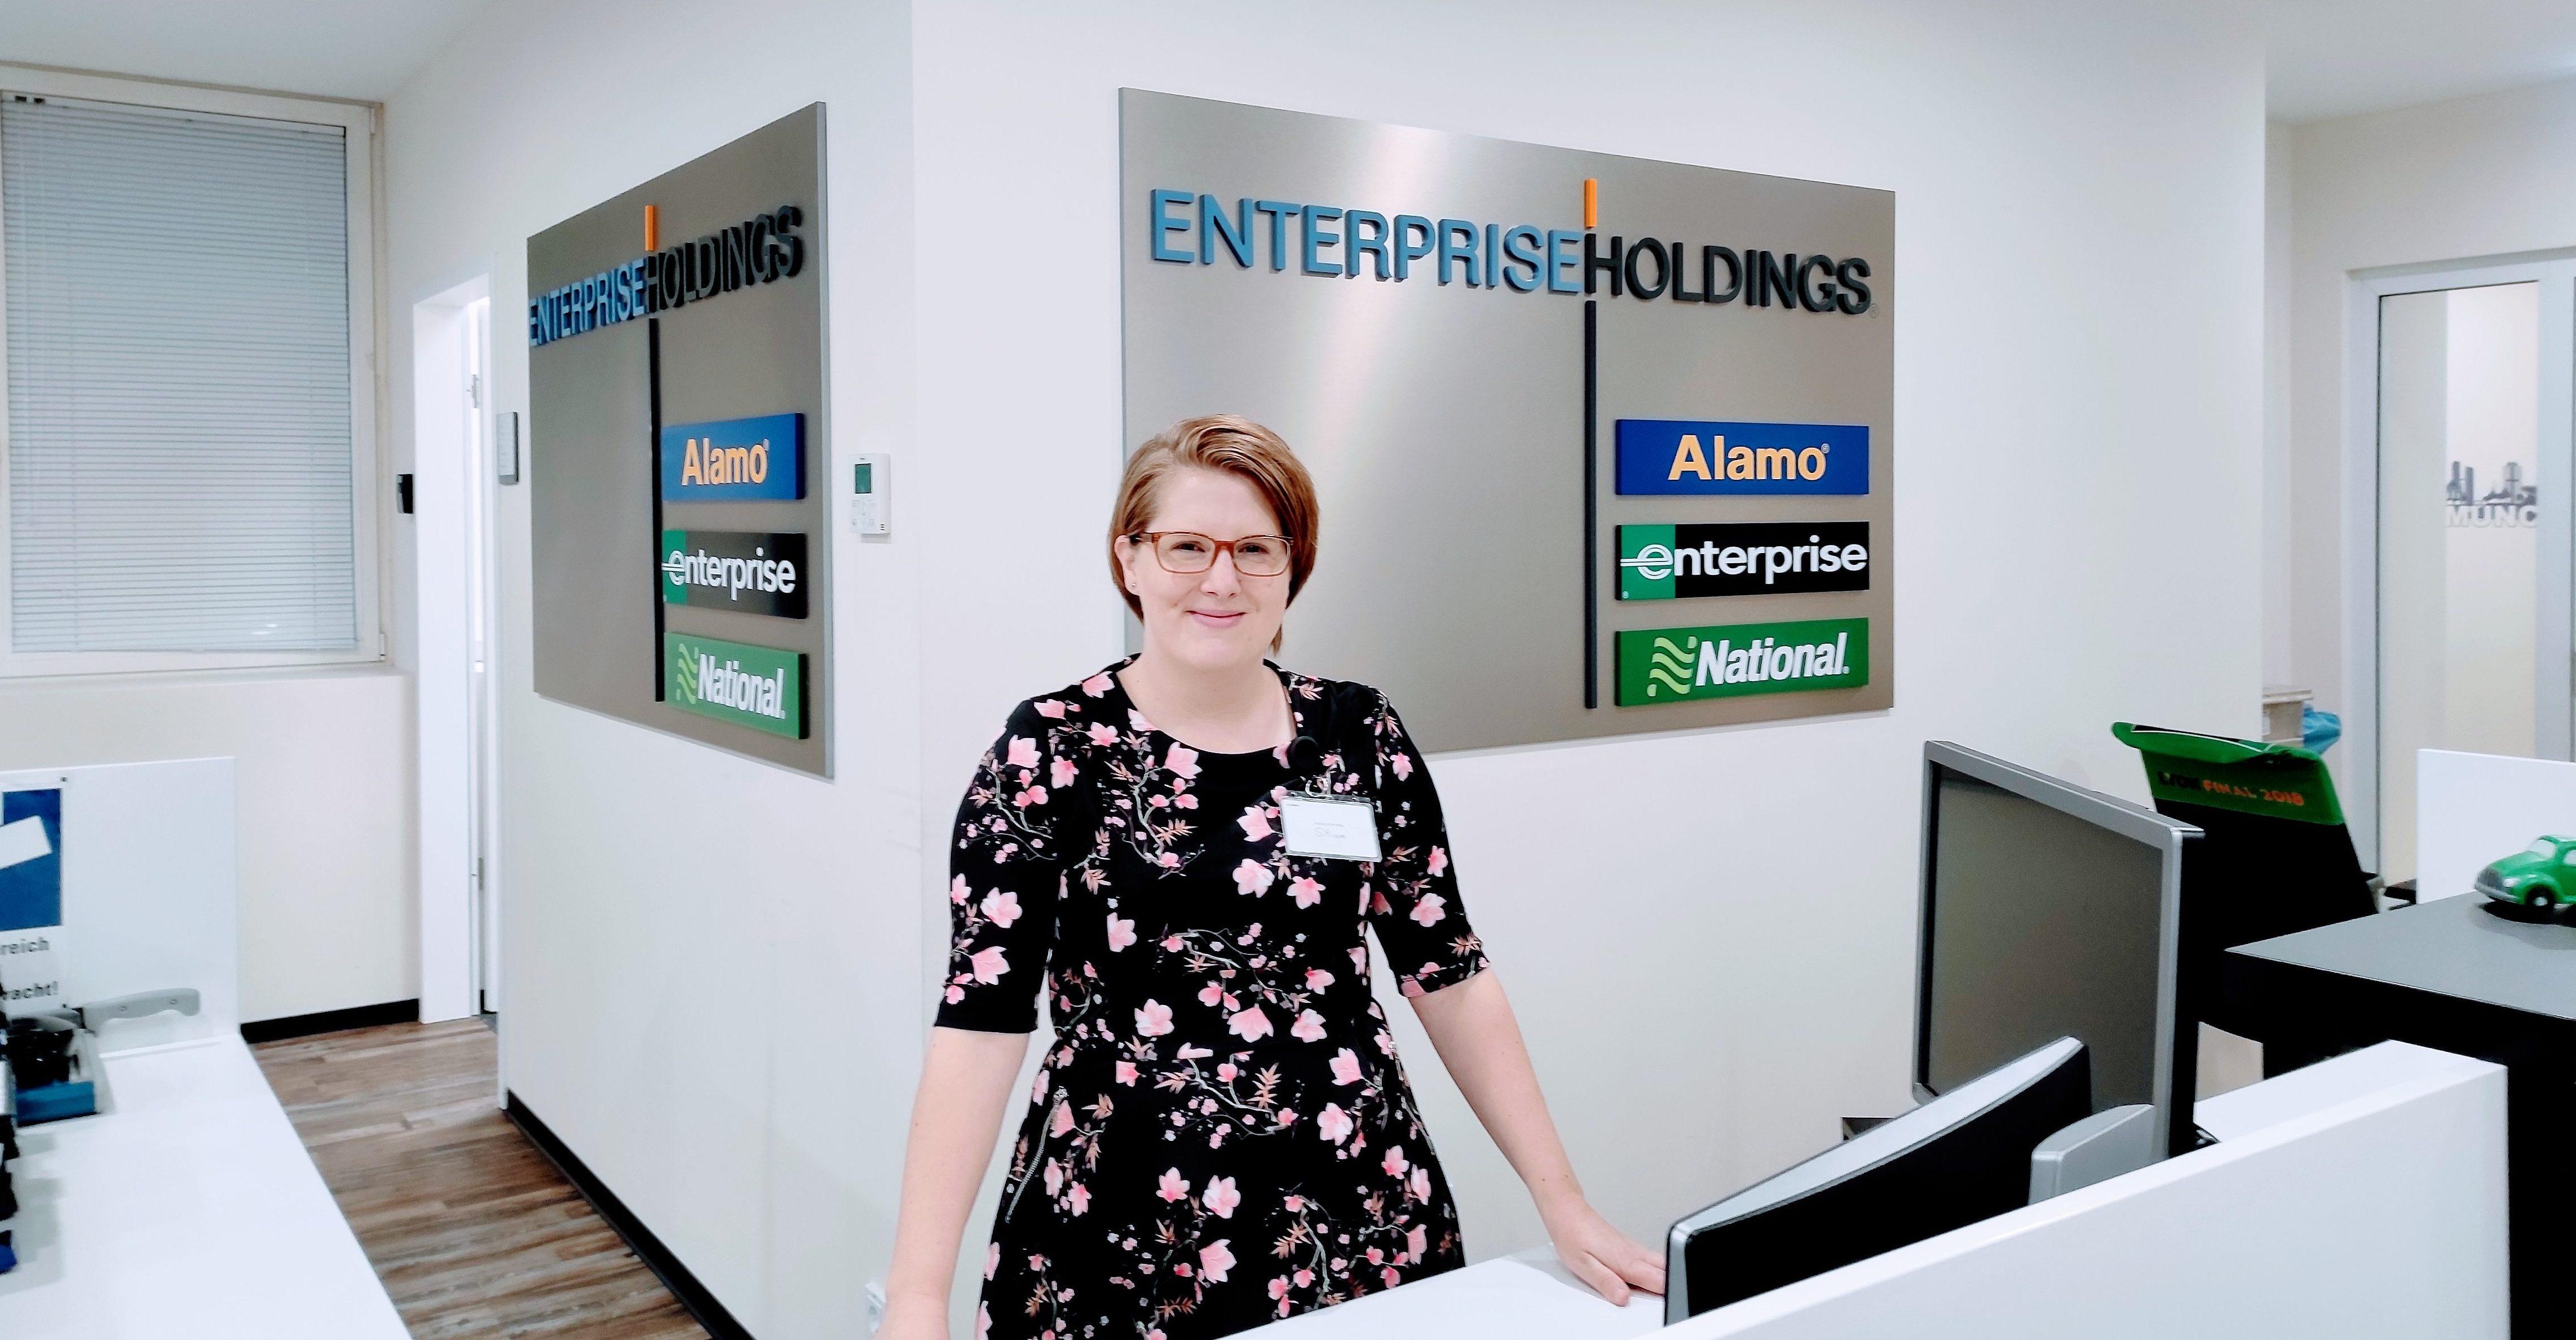 Karriere bei Enterprise: Es war Liebe auf den ersten Blick!